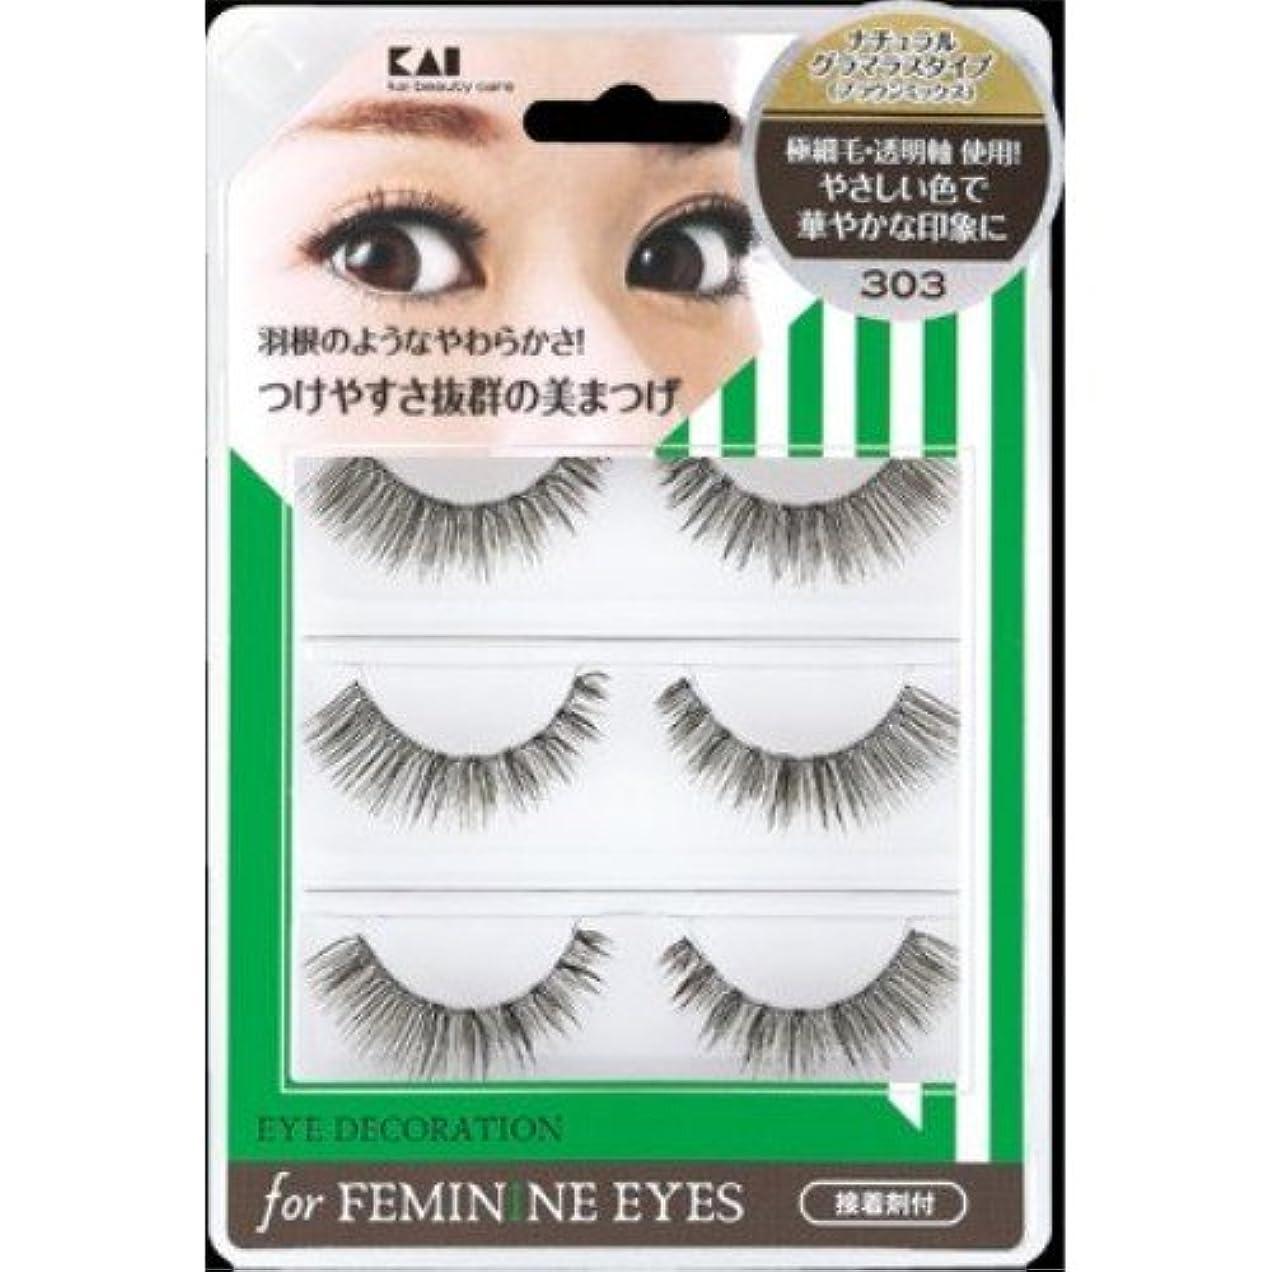 地下室クッション感謝祭貝印 アイデコレーション for feminine eyes 303 HC1563